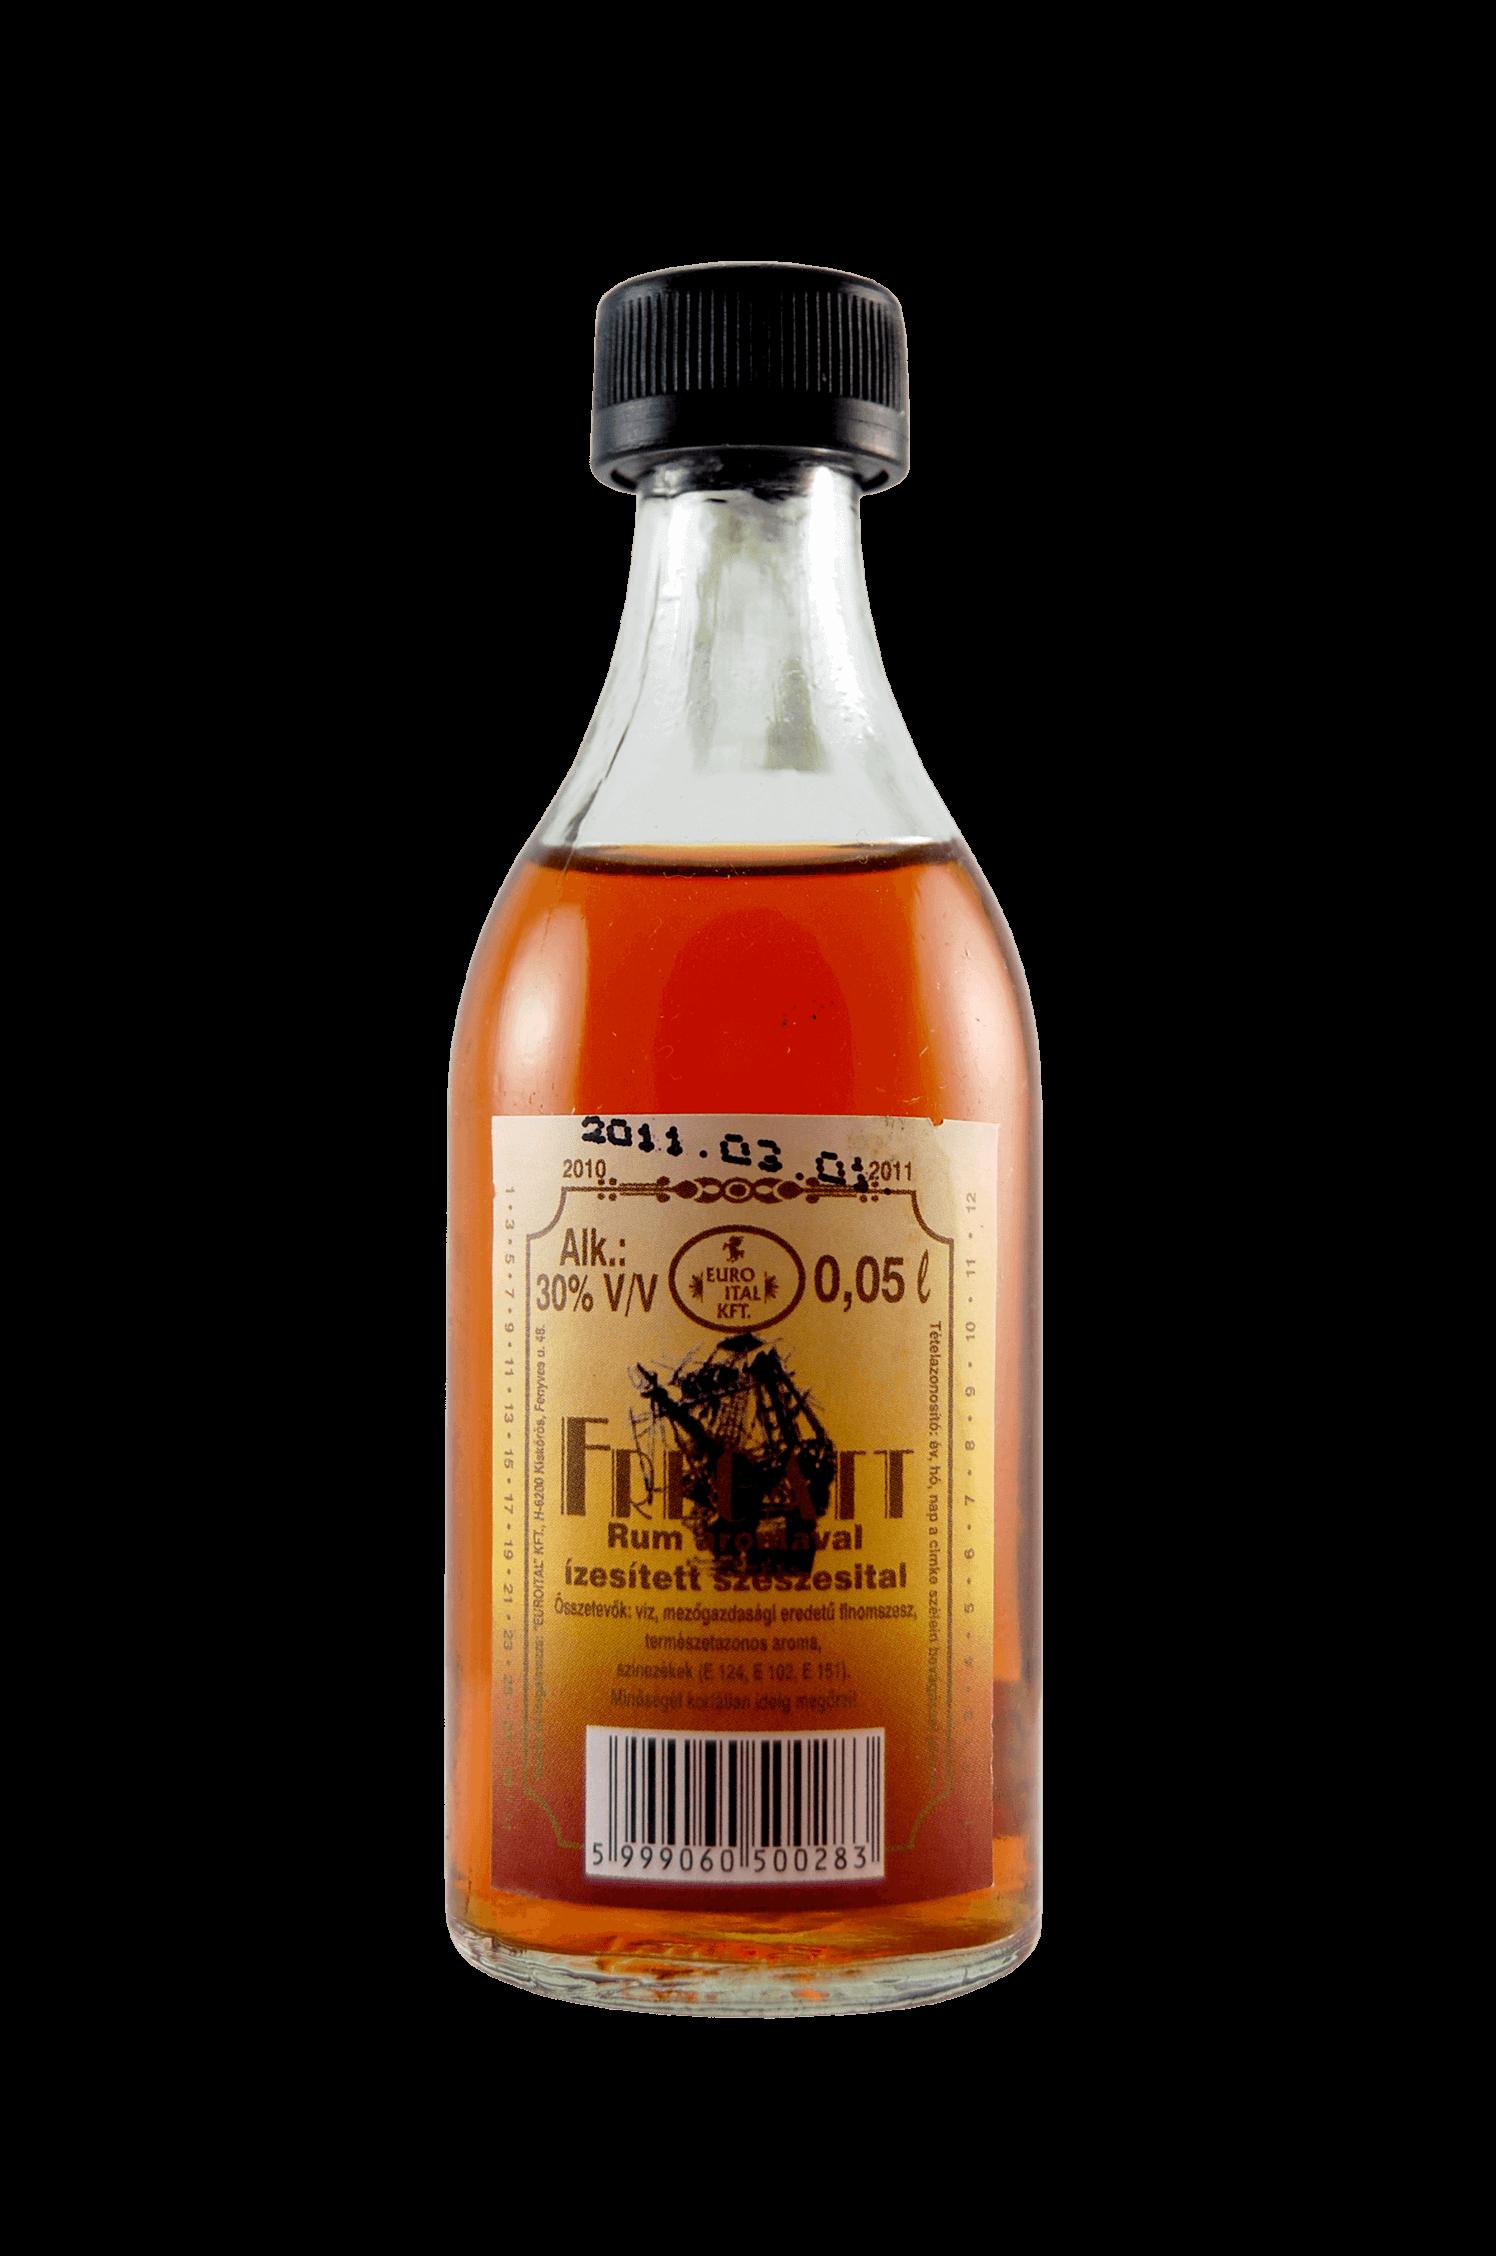 Fregatt Rum